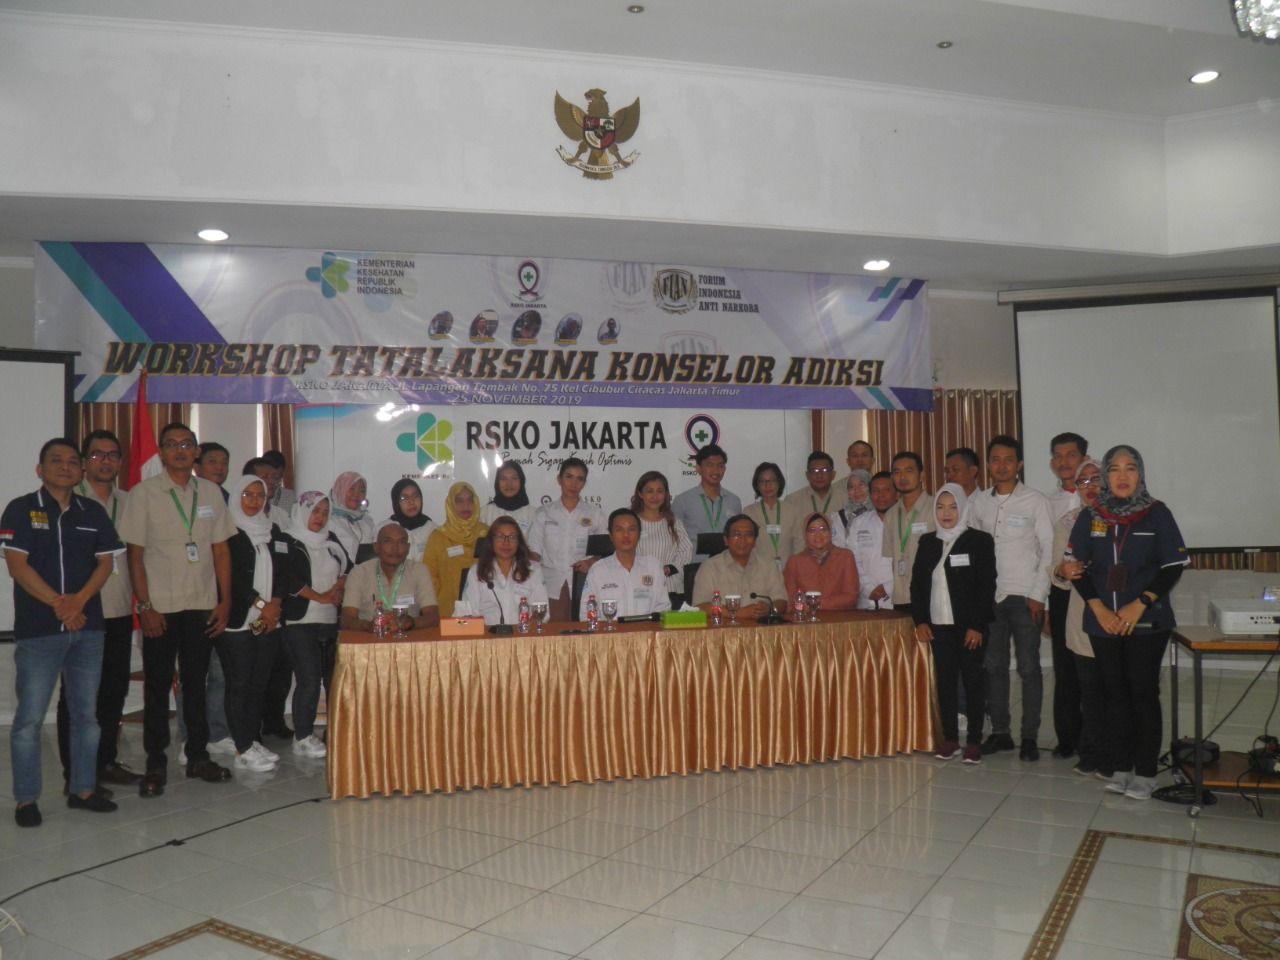 Deskripsi : RSKO Jakartabersama FIAN menyelenggarakan Pelatihan Konselor Adiksi I Sumber Foto : dokpri